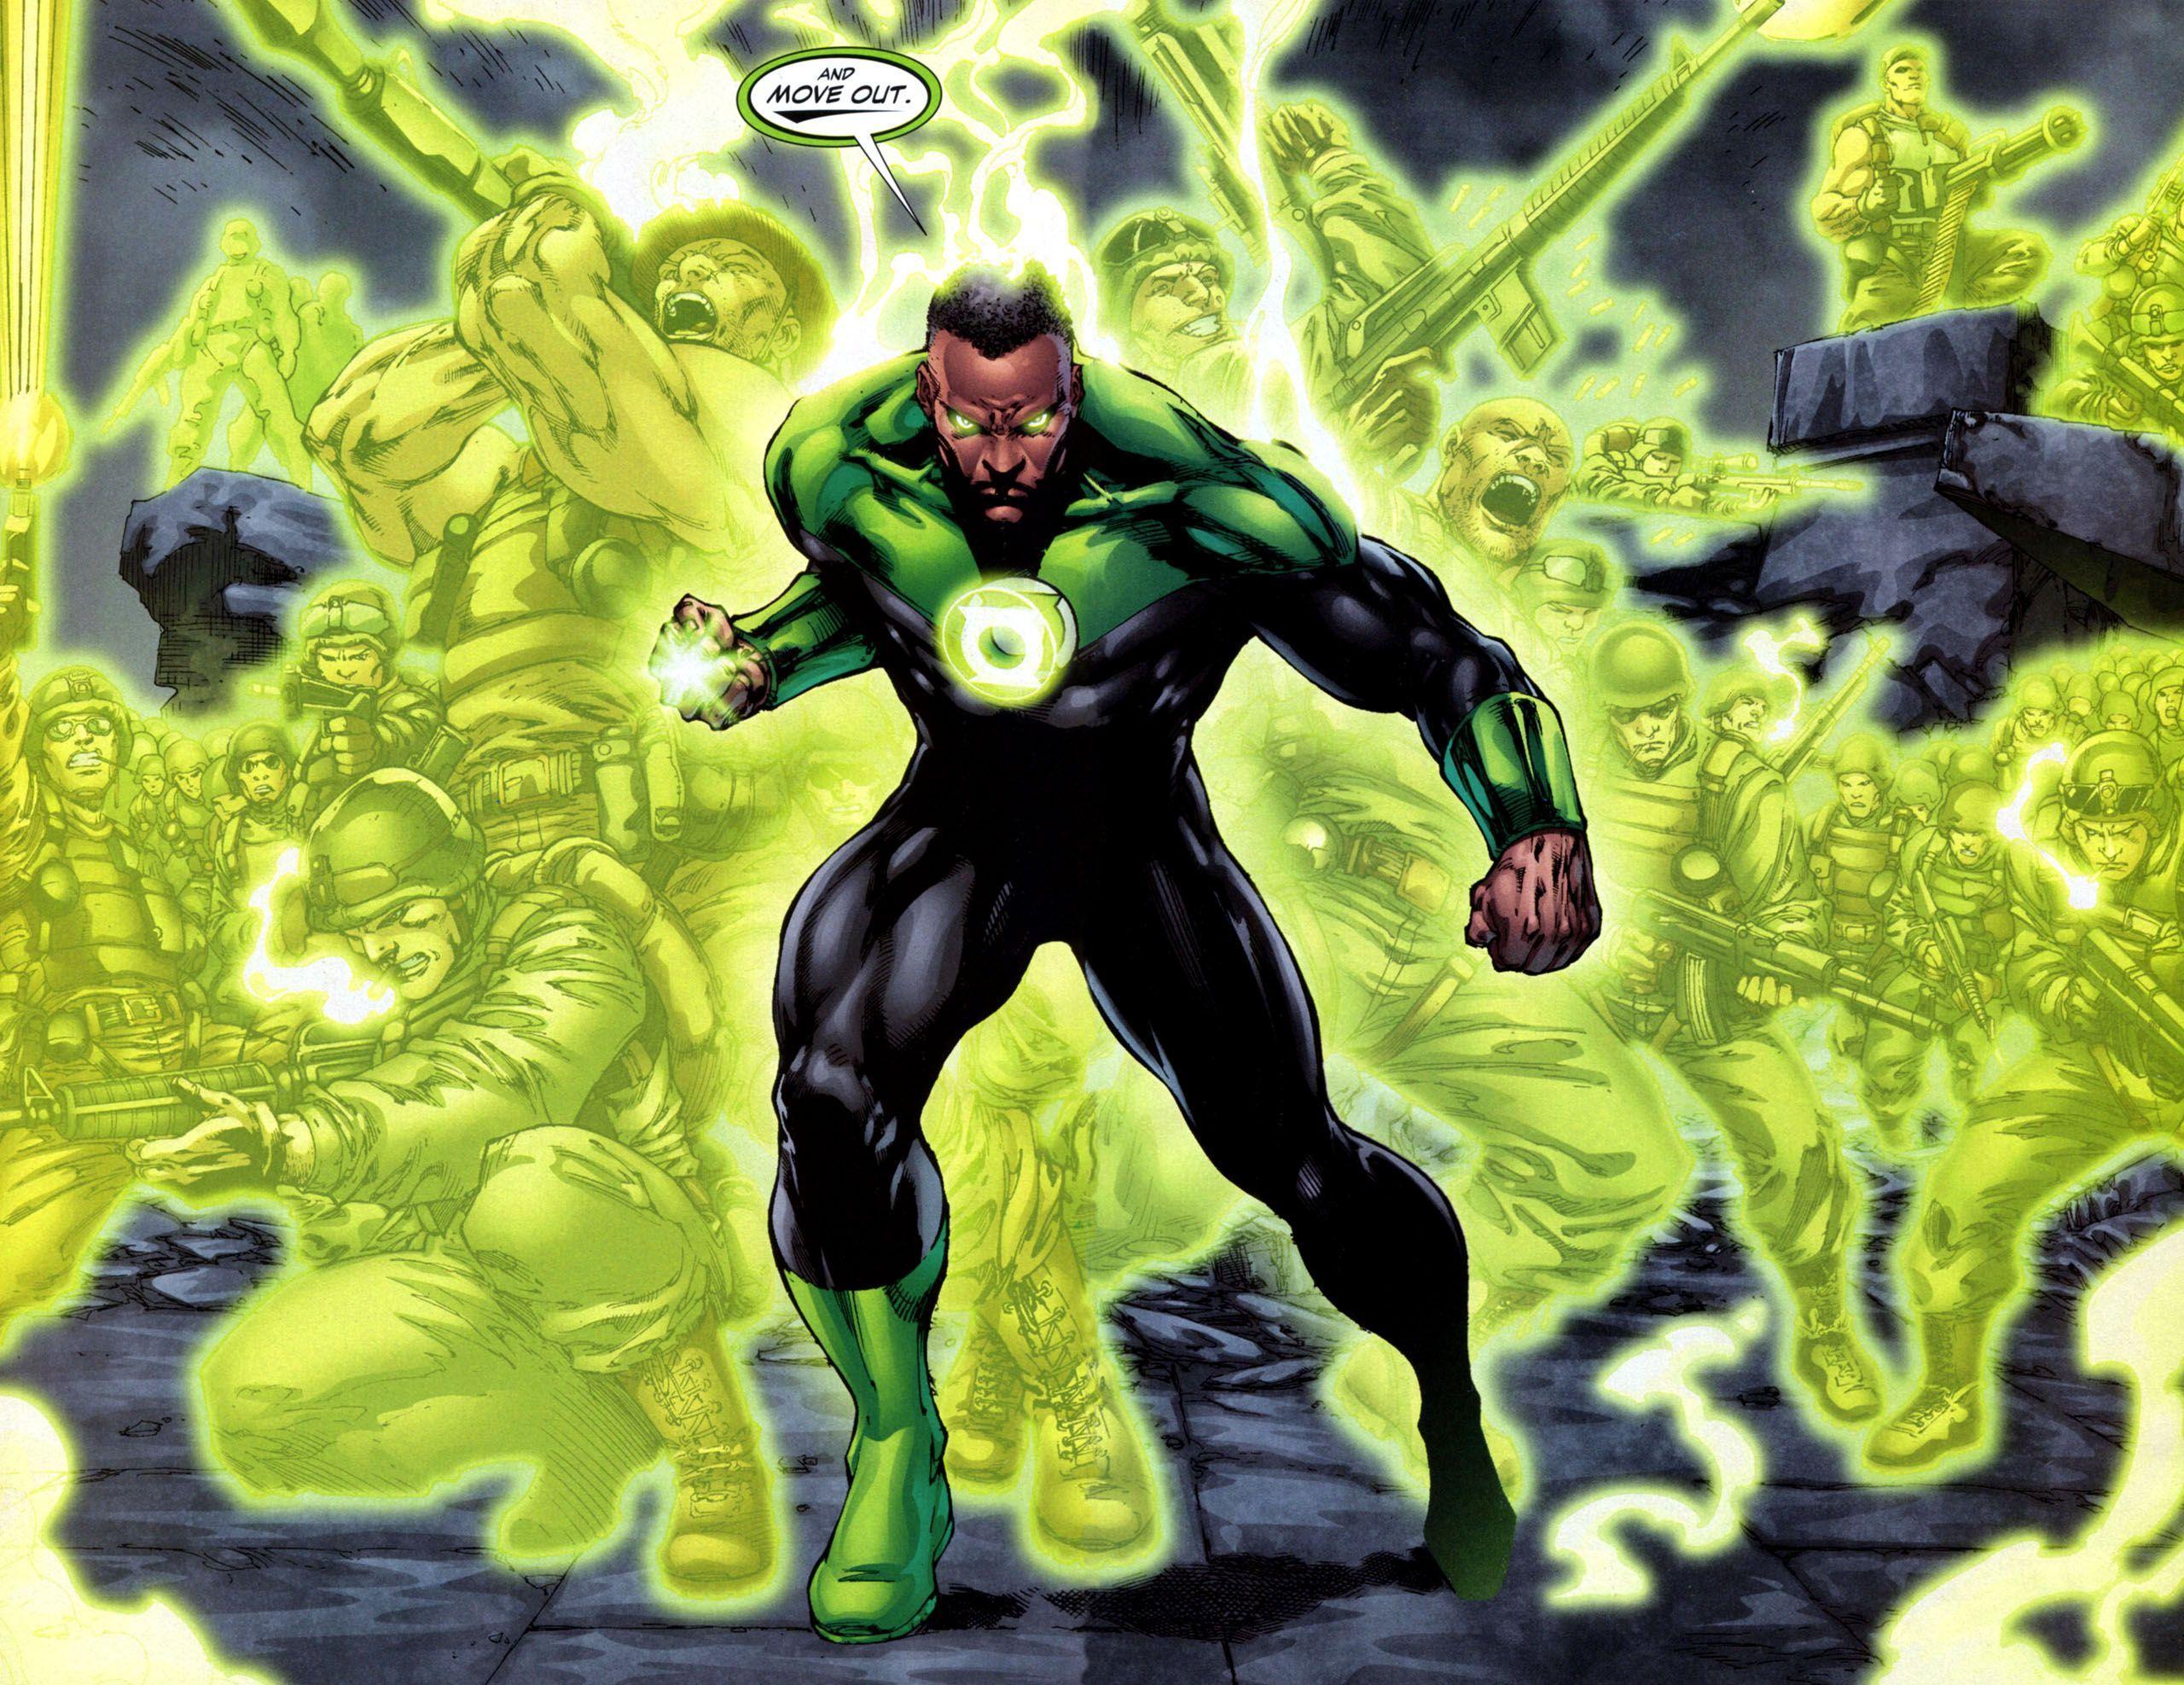 John Stewart Green Lantern Wallpapers Top Free John Stewart Green Lantern Backgrounds Wallpaperaccess